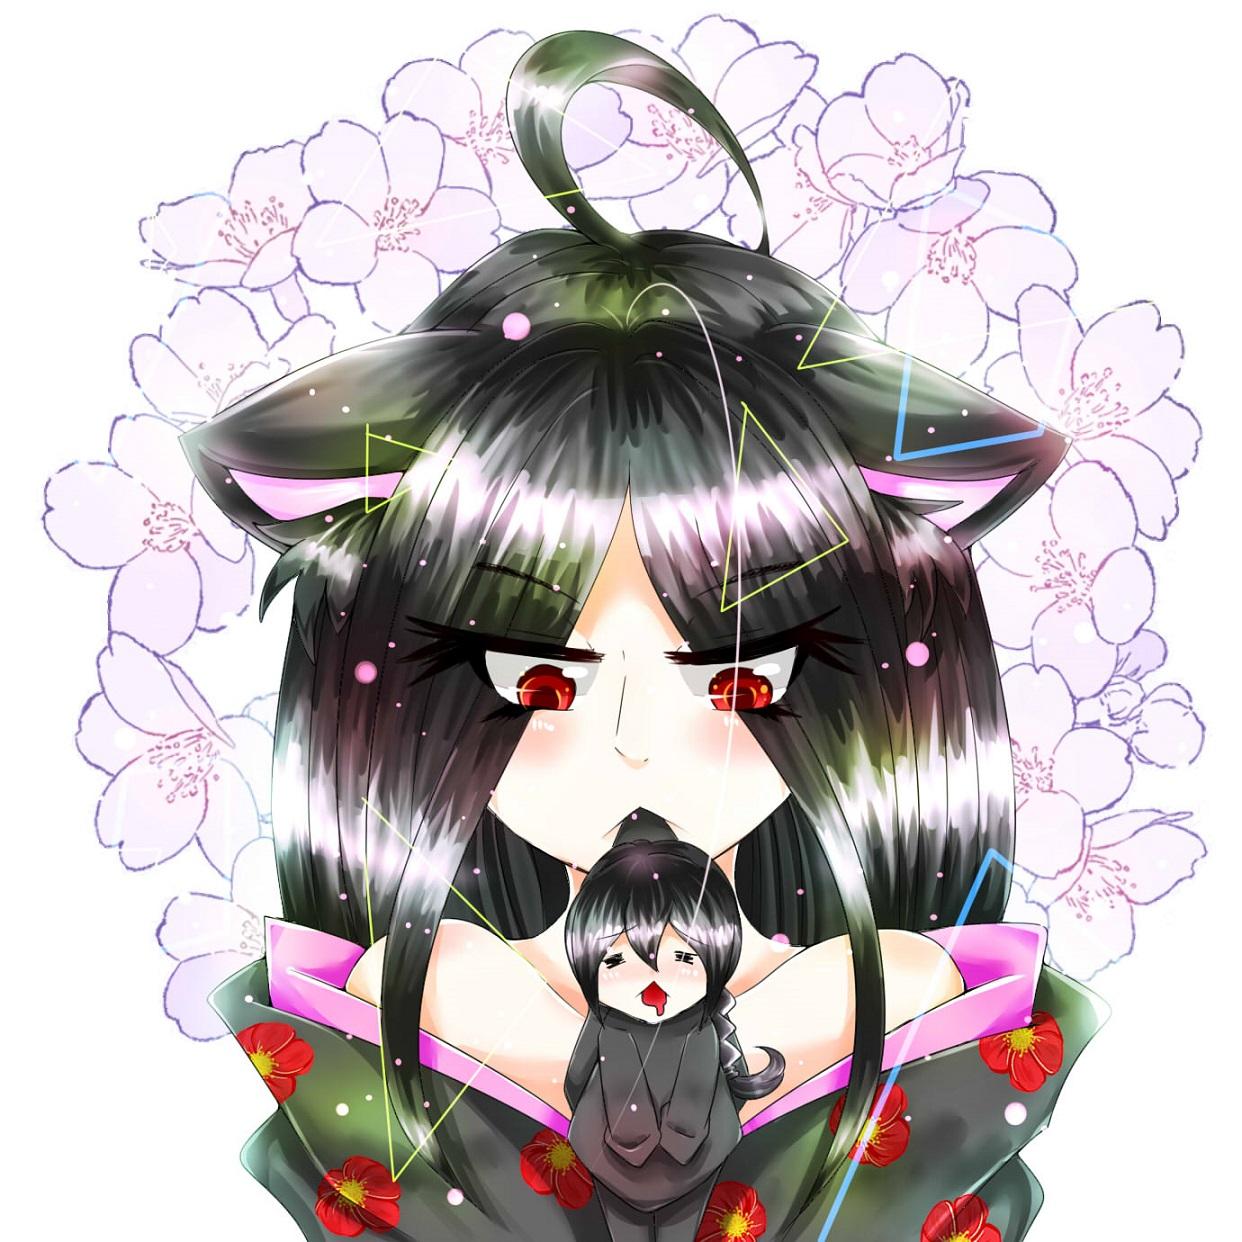 化ヶ猫姫様。